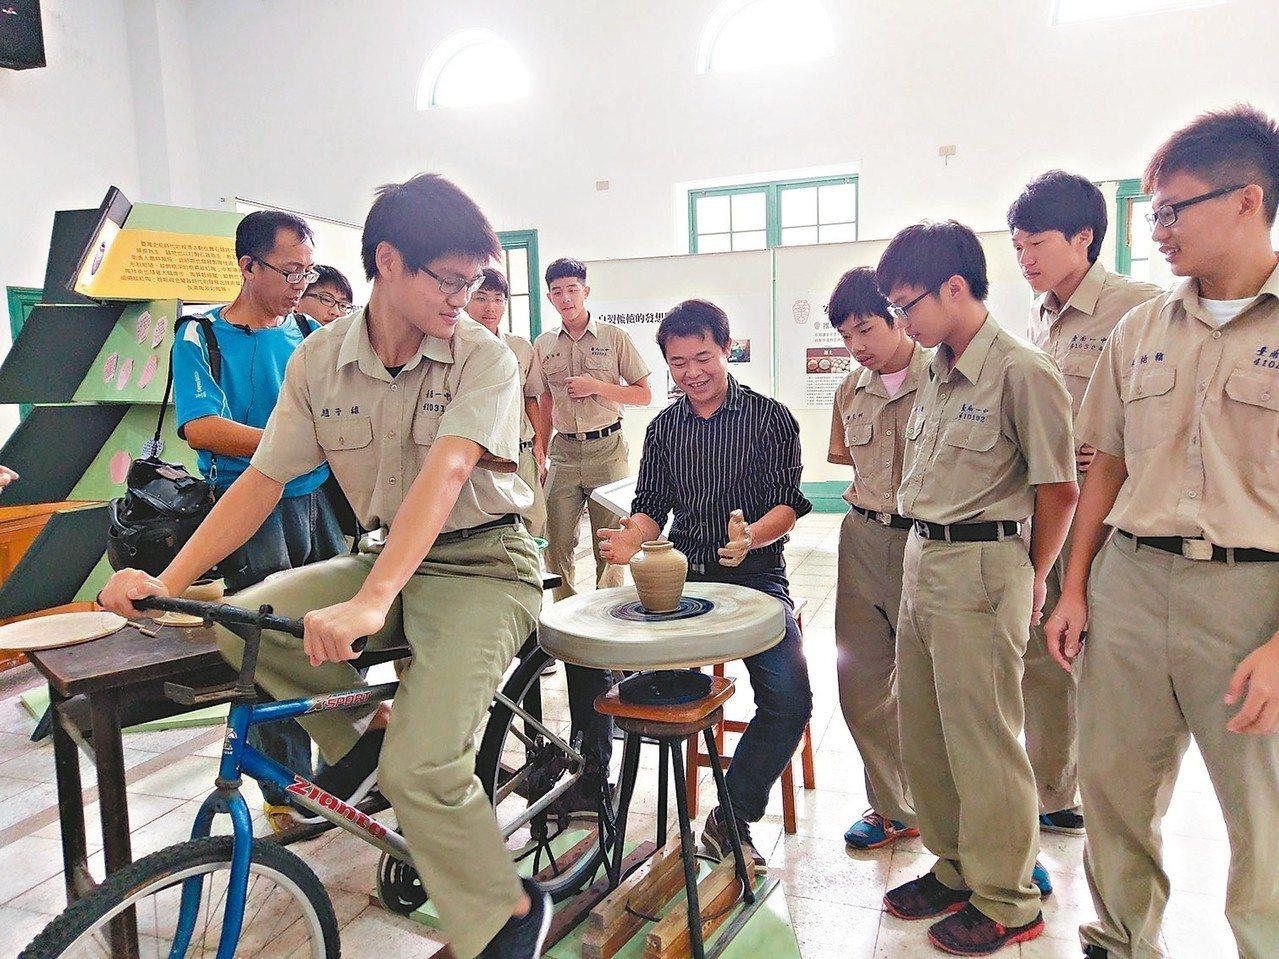 台南一中學生自製人力轆轤機。 圖╱台南一中提供